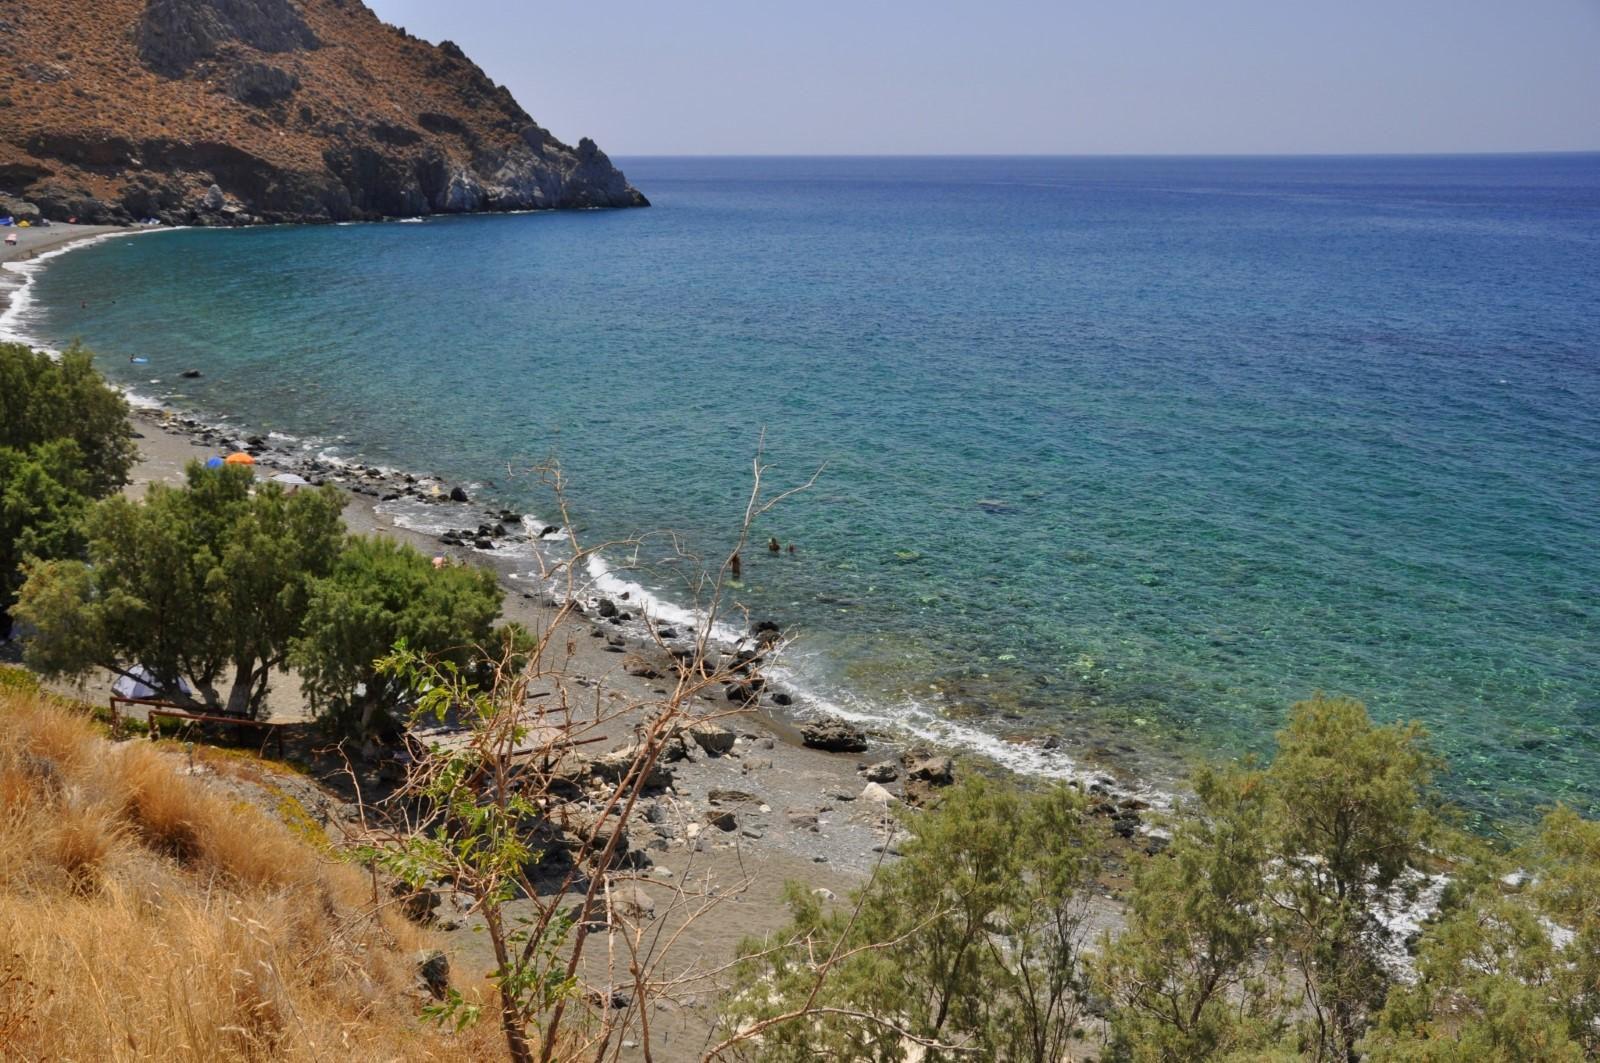 Δυσκός, Παραλία στο Ηράκλειο Κρήτης